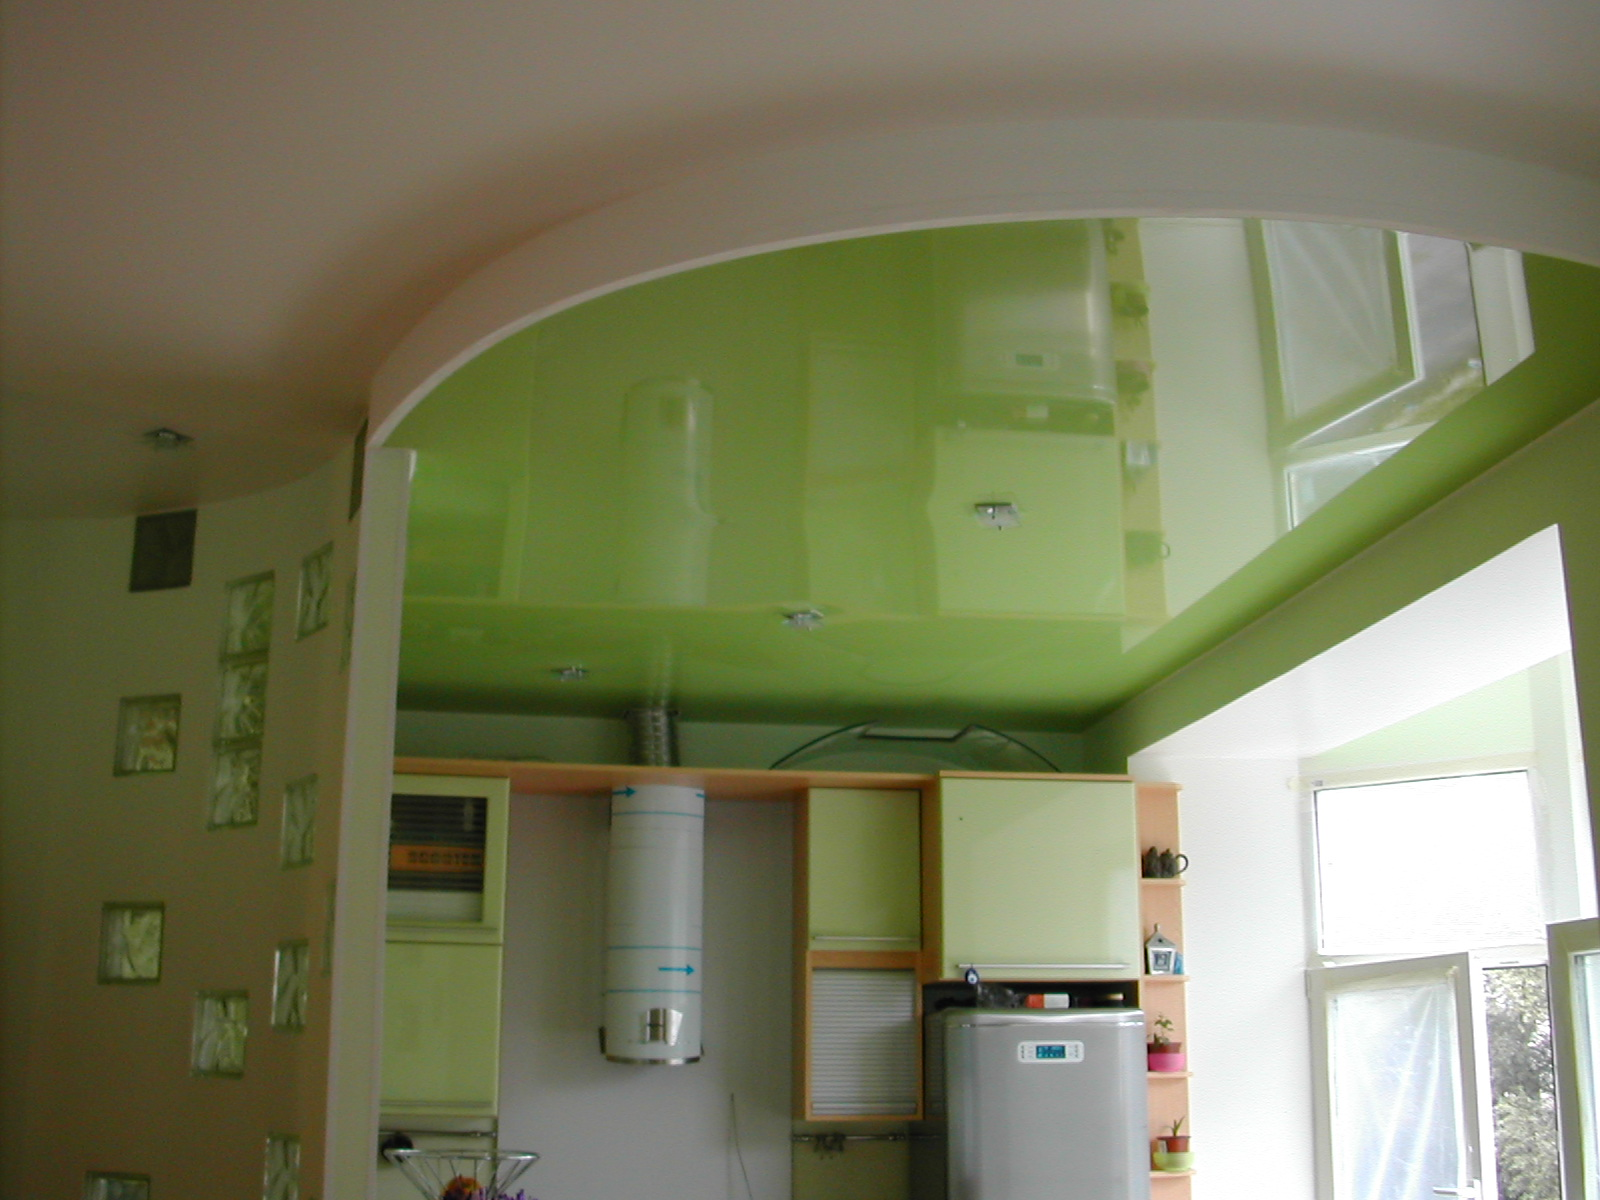 Подвесной натяжной потолок для кухни в салатовом цвете